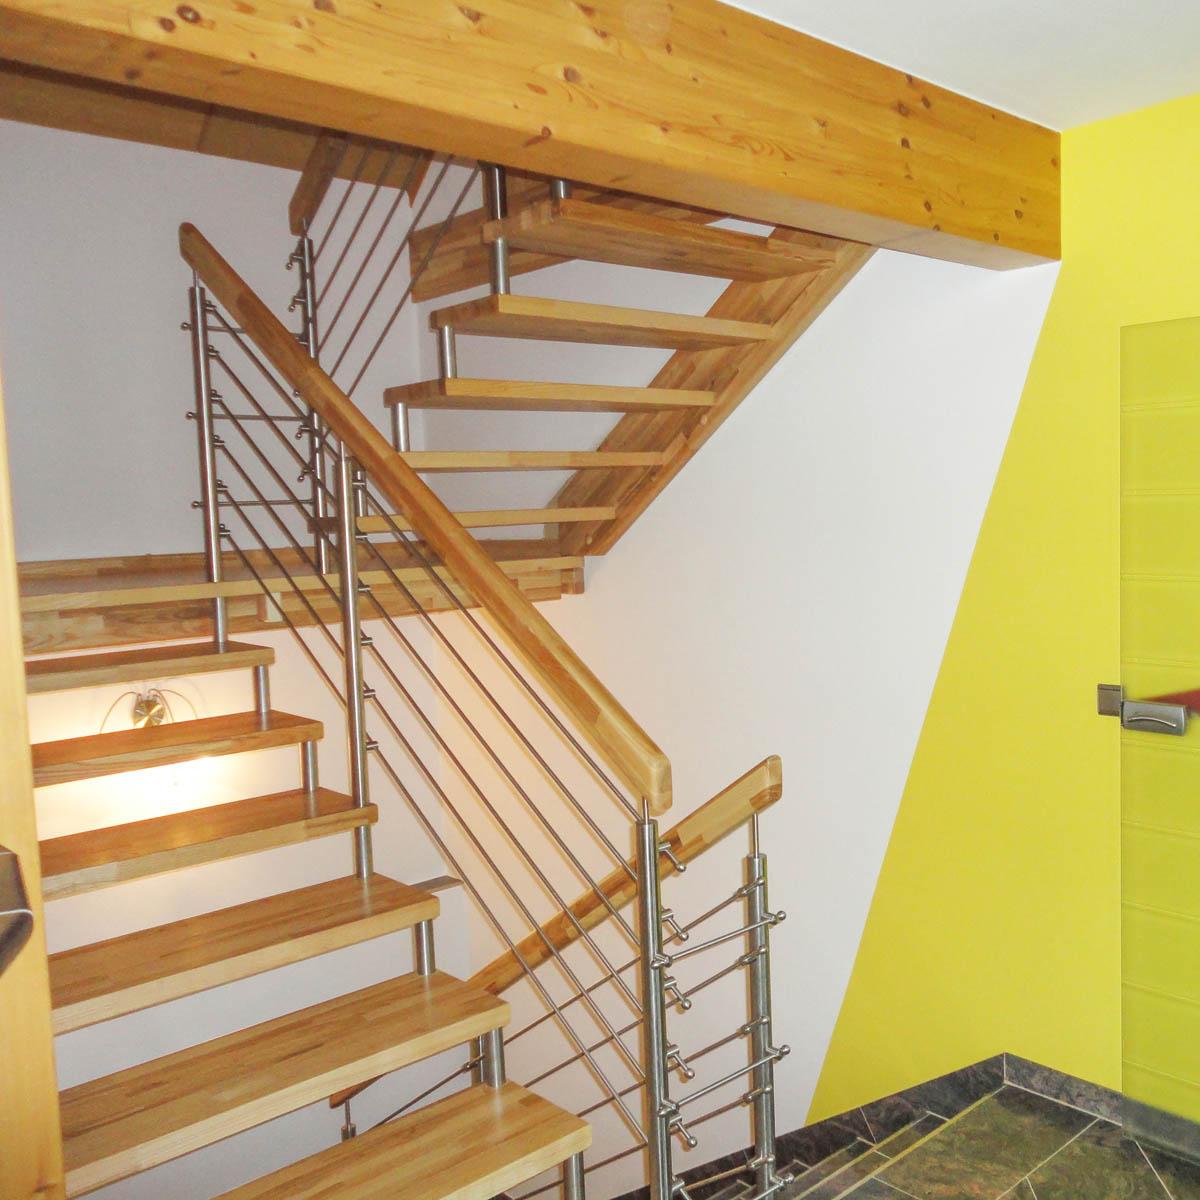 bolzentreppe fertigung tischler oesterreich 24 marco treppen. Black Bedroom Furniture Sets. Home Design Ideas